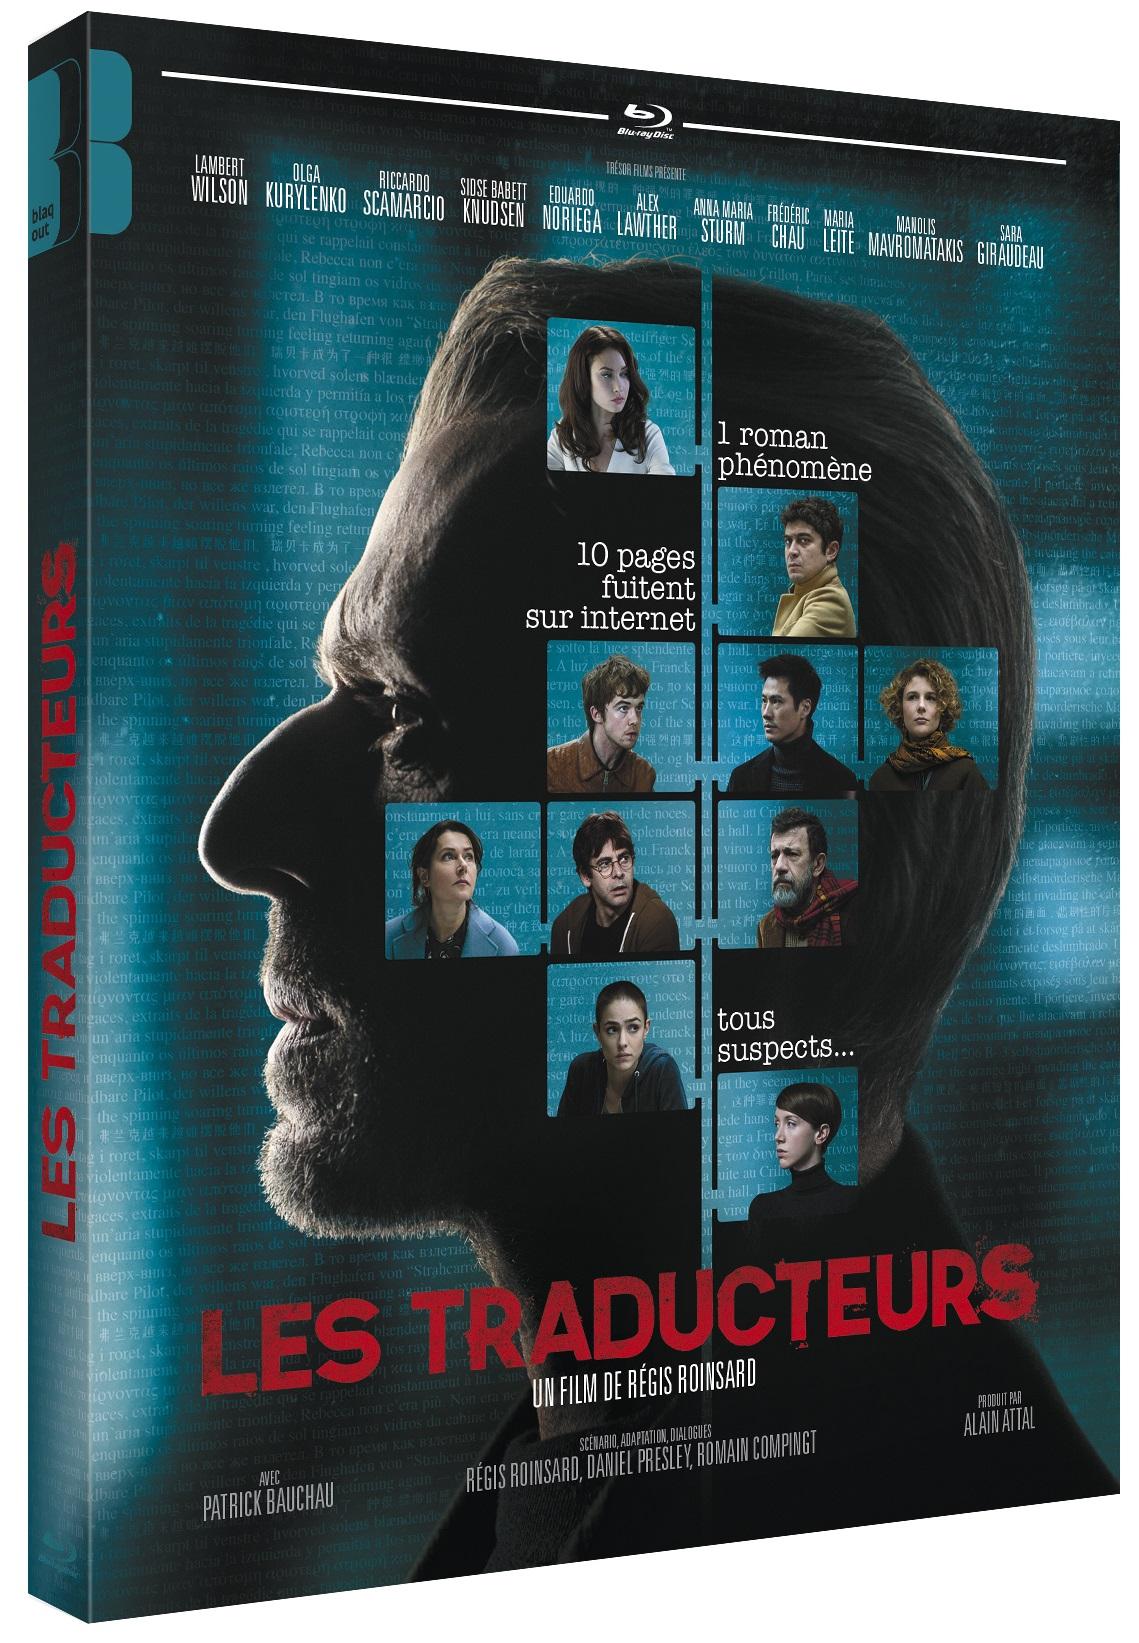 LES TRADUCTEURS - BRD